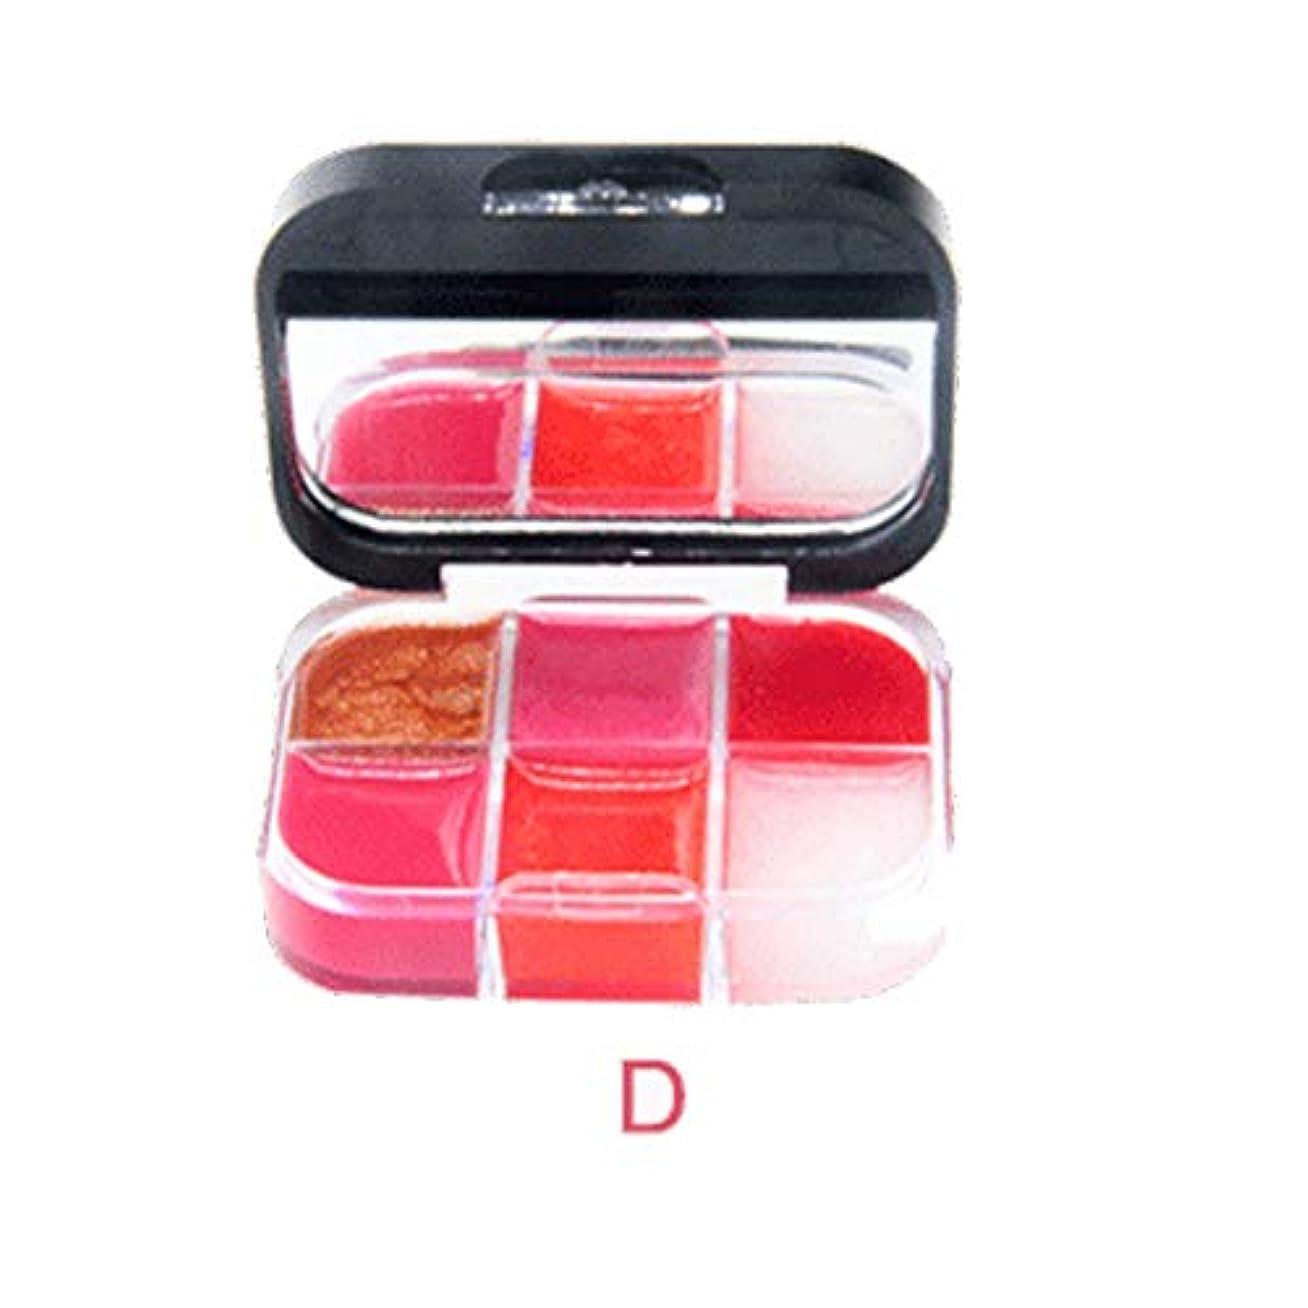 美は口紅の保湿剤の唇の光沢の化粧品セットを構成します